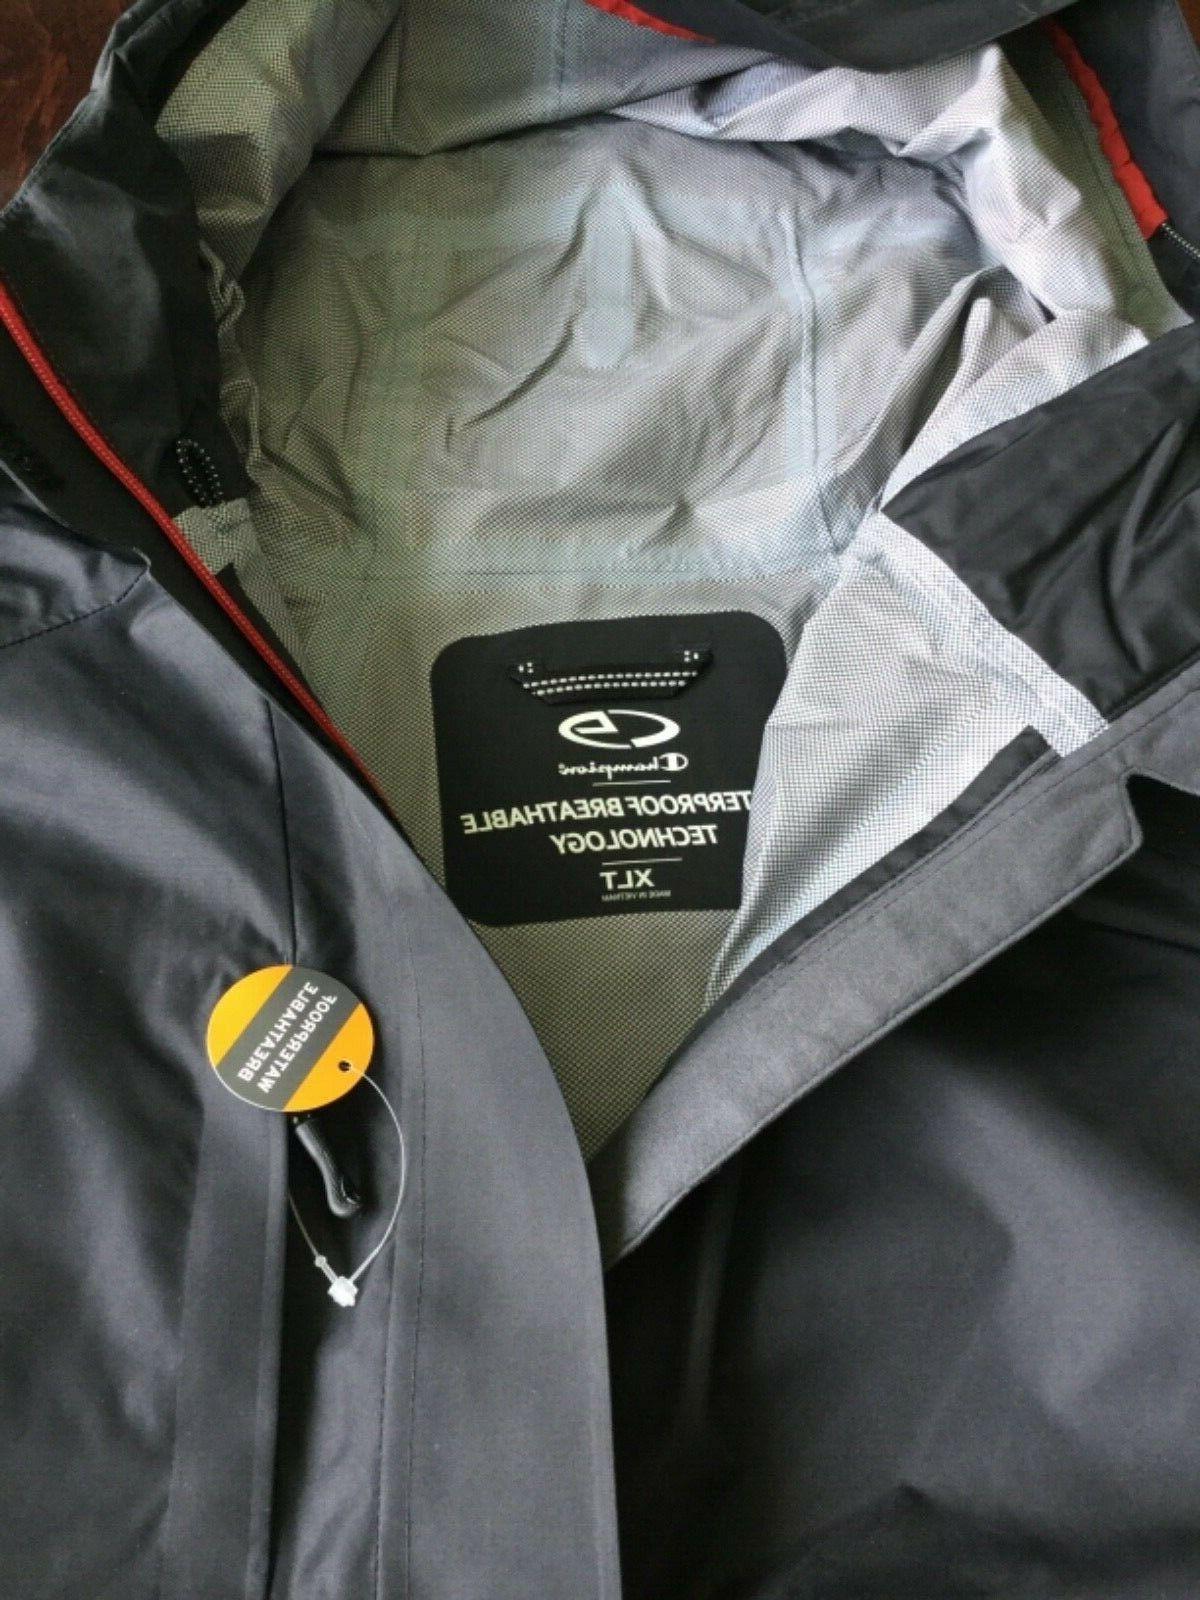 & C9 Black Waterproof Jacket